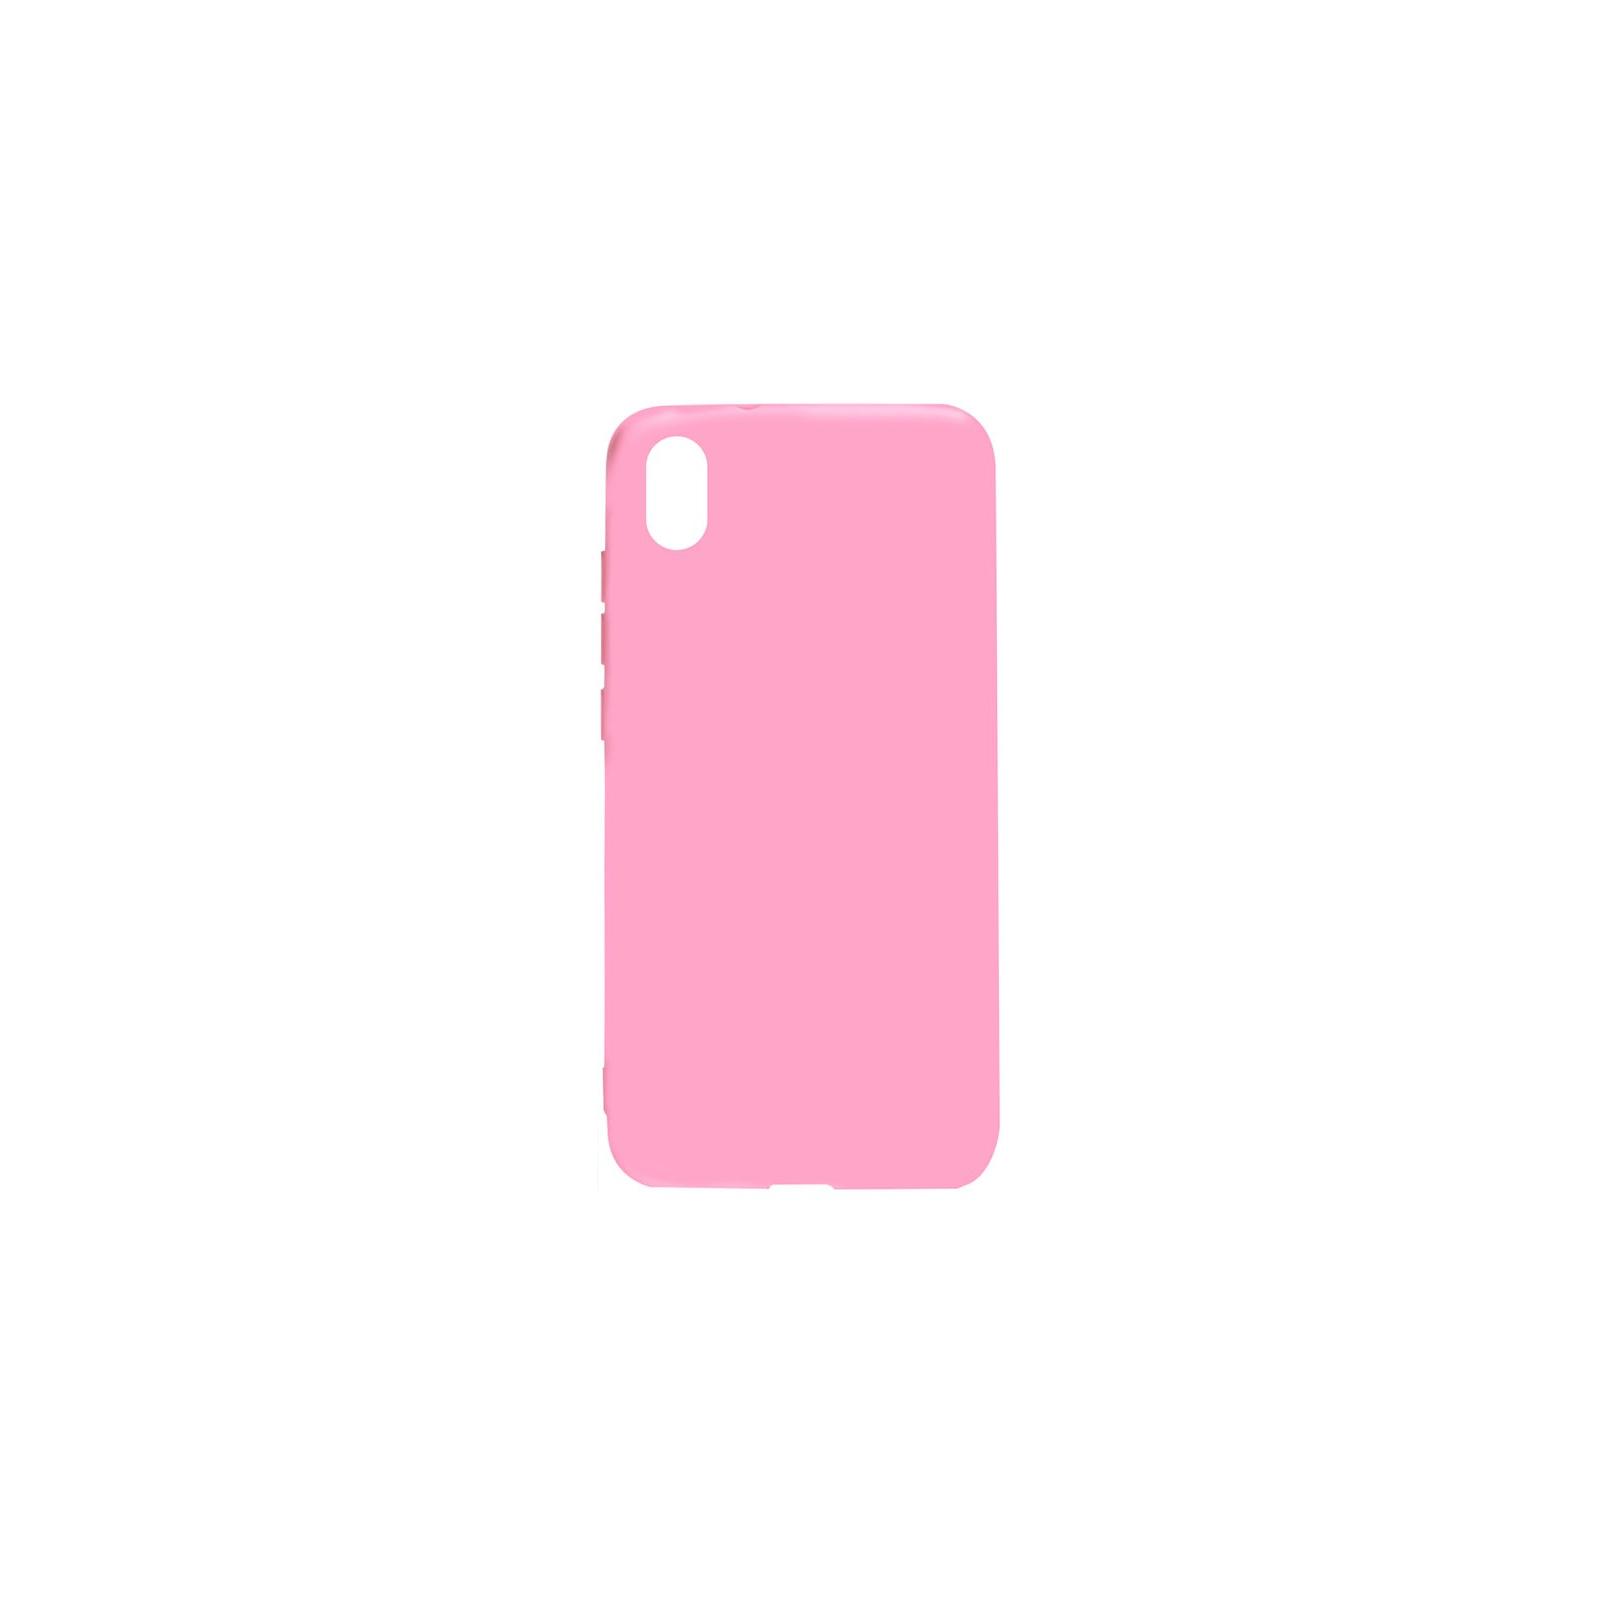 Чехол для моб. телефона Toto 1mm Matt TPU Case Xiaomi Redmi 7A Pink (F_98483)